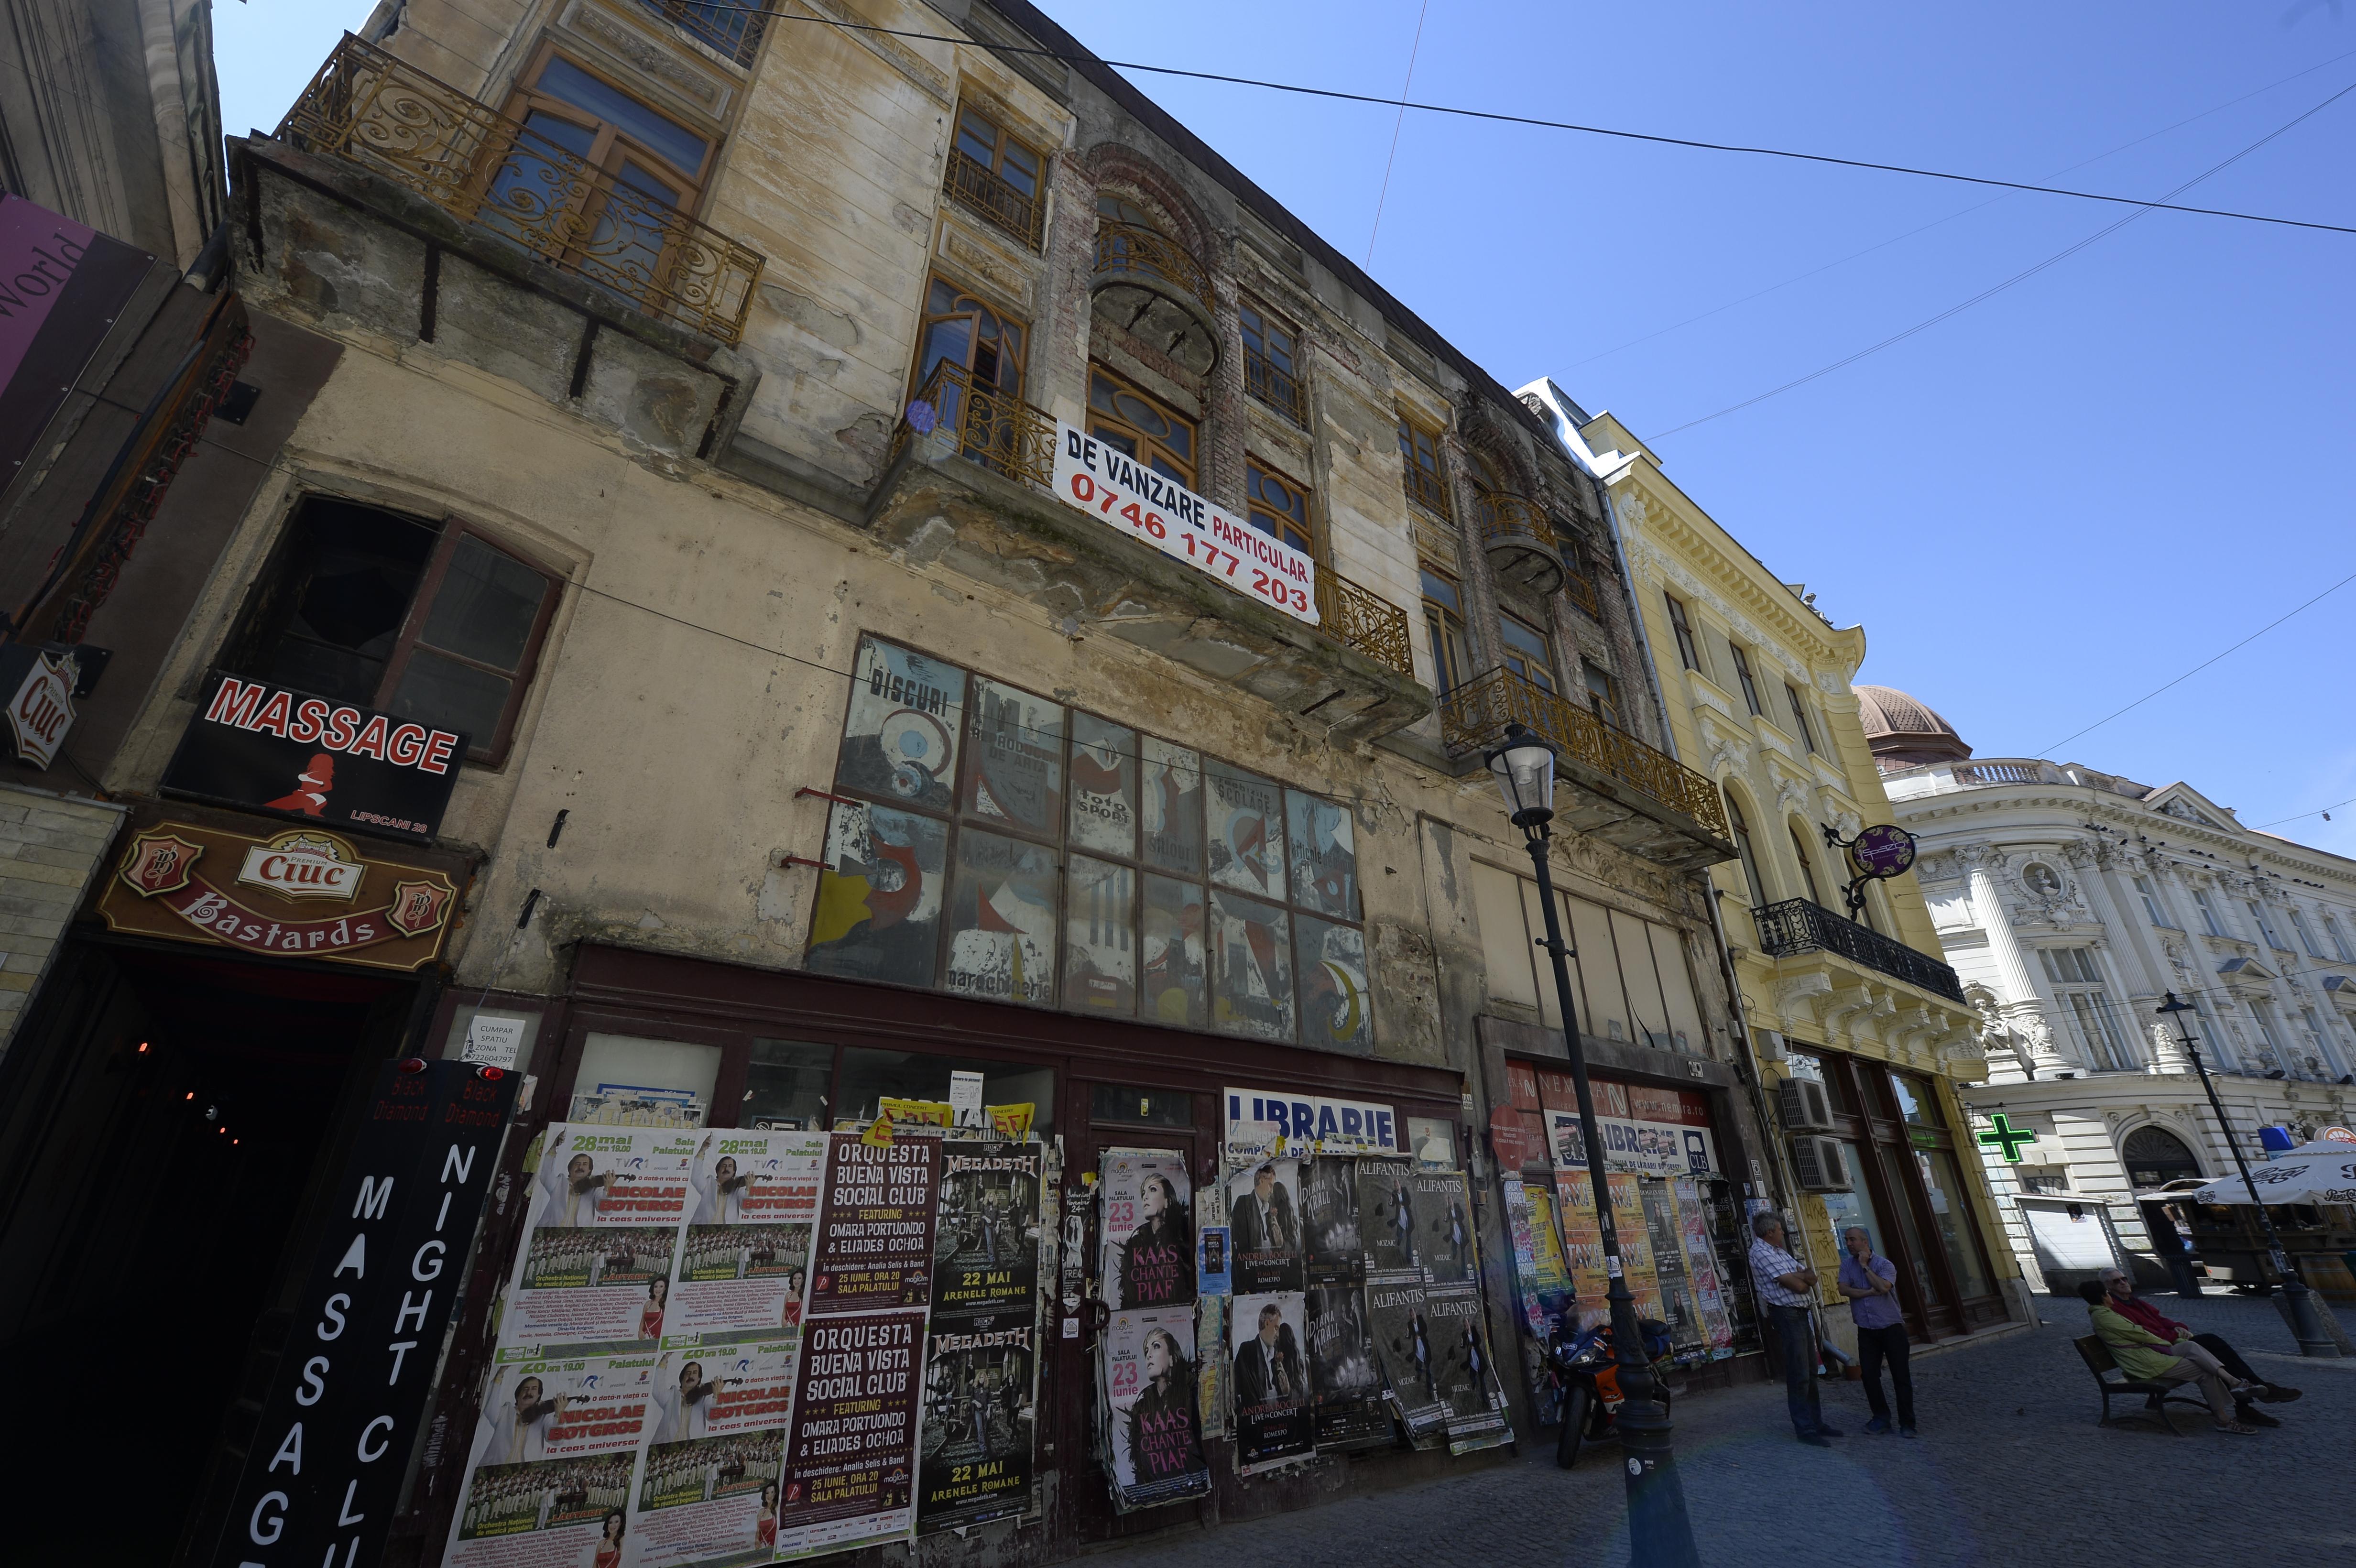 Altă imagine a Bucureştiului. Primăria Capitalei va acoperi cheltuielile pentru repararea faţadelor. Proprietarii vor înapoia banii în 10 ani. Primele zone care vor intra în proiect